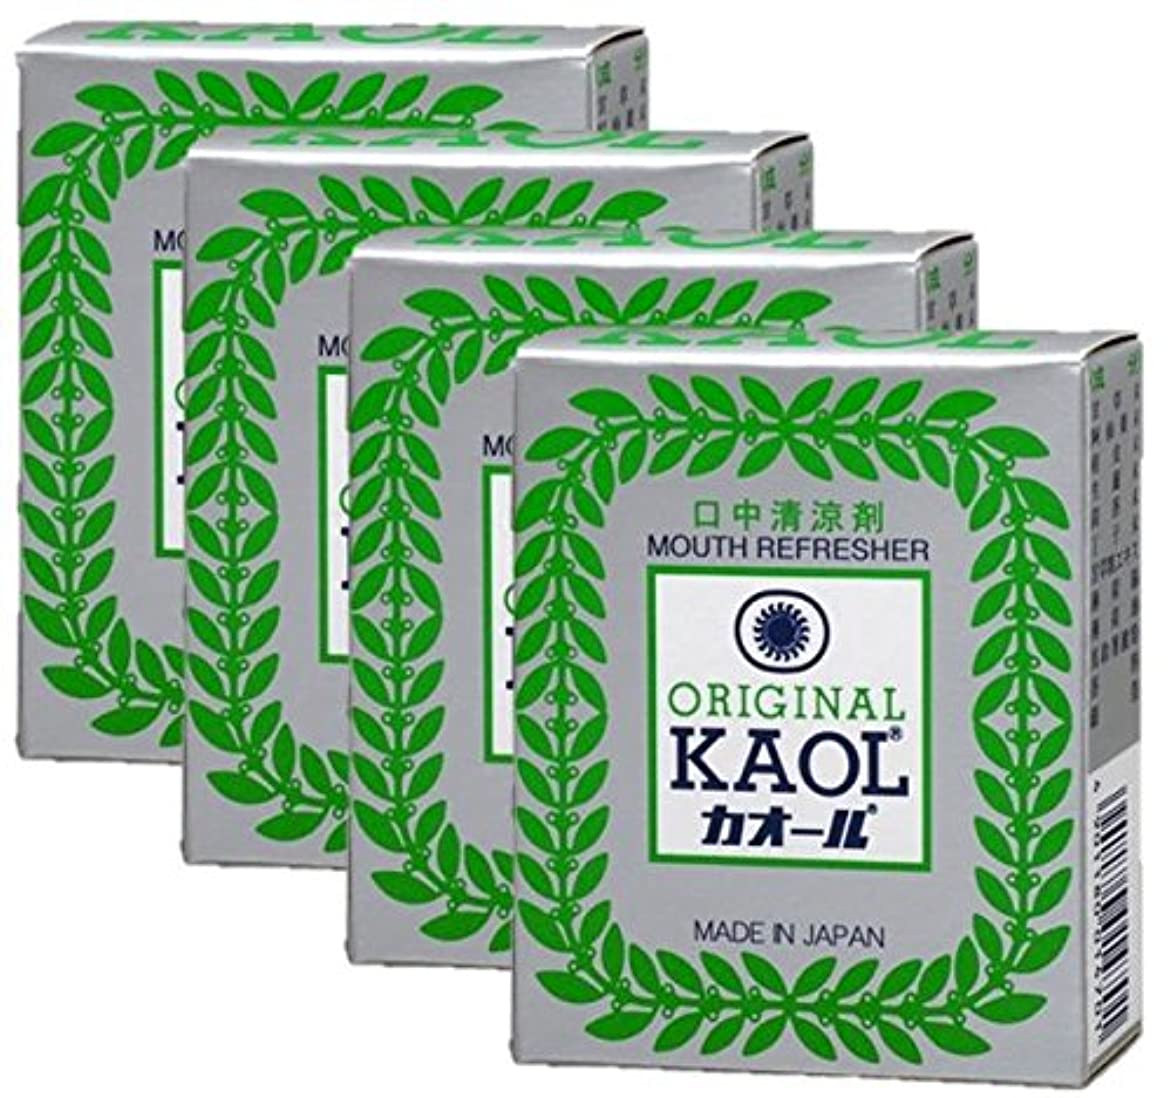 アクションから聞く確認口中清涼剤 オリヂナル カオール 14.5g×4個セット